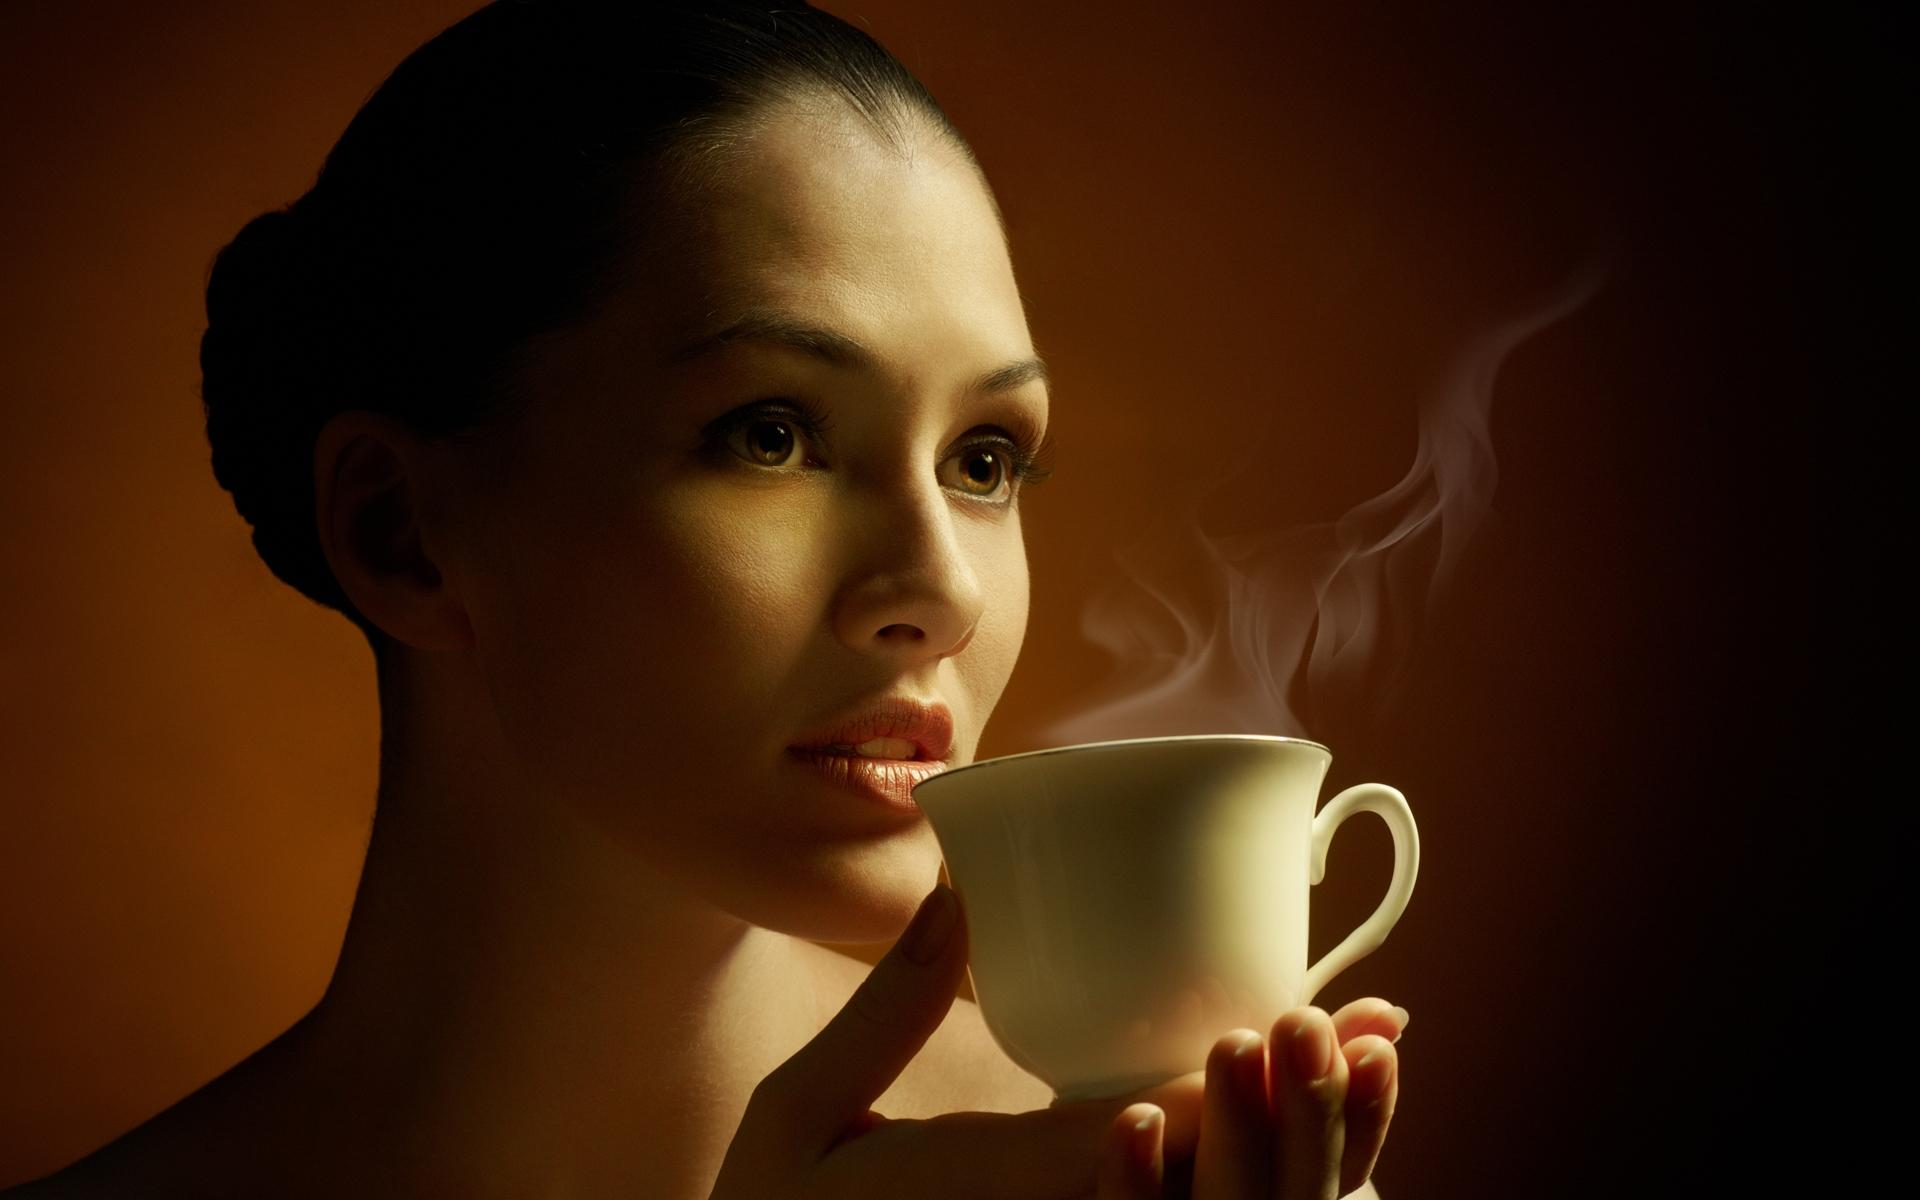 красивая девушка держит в руках чашку горячего кофе, скачать фото, обои для рабочего стола